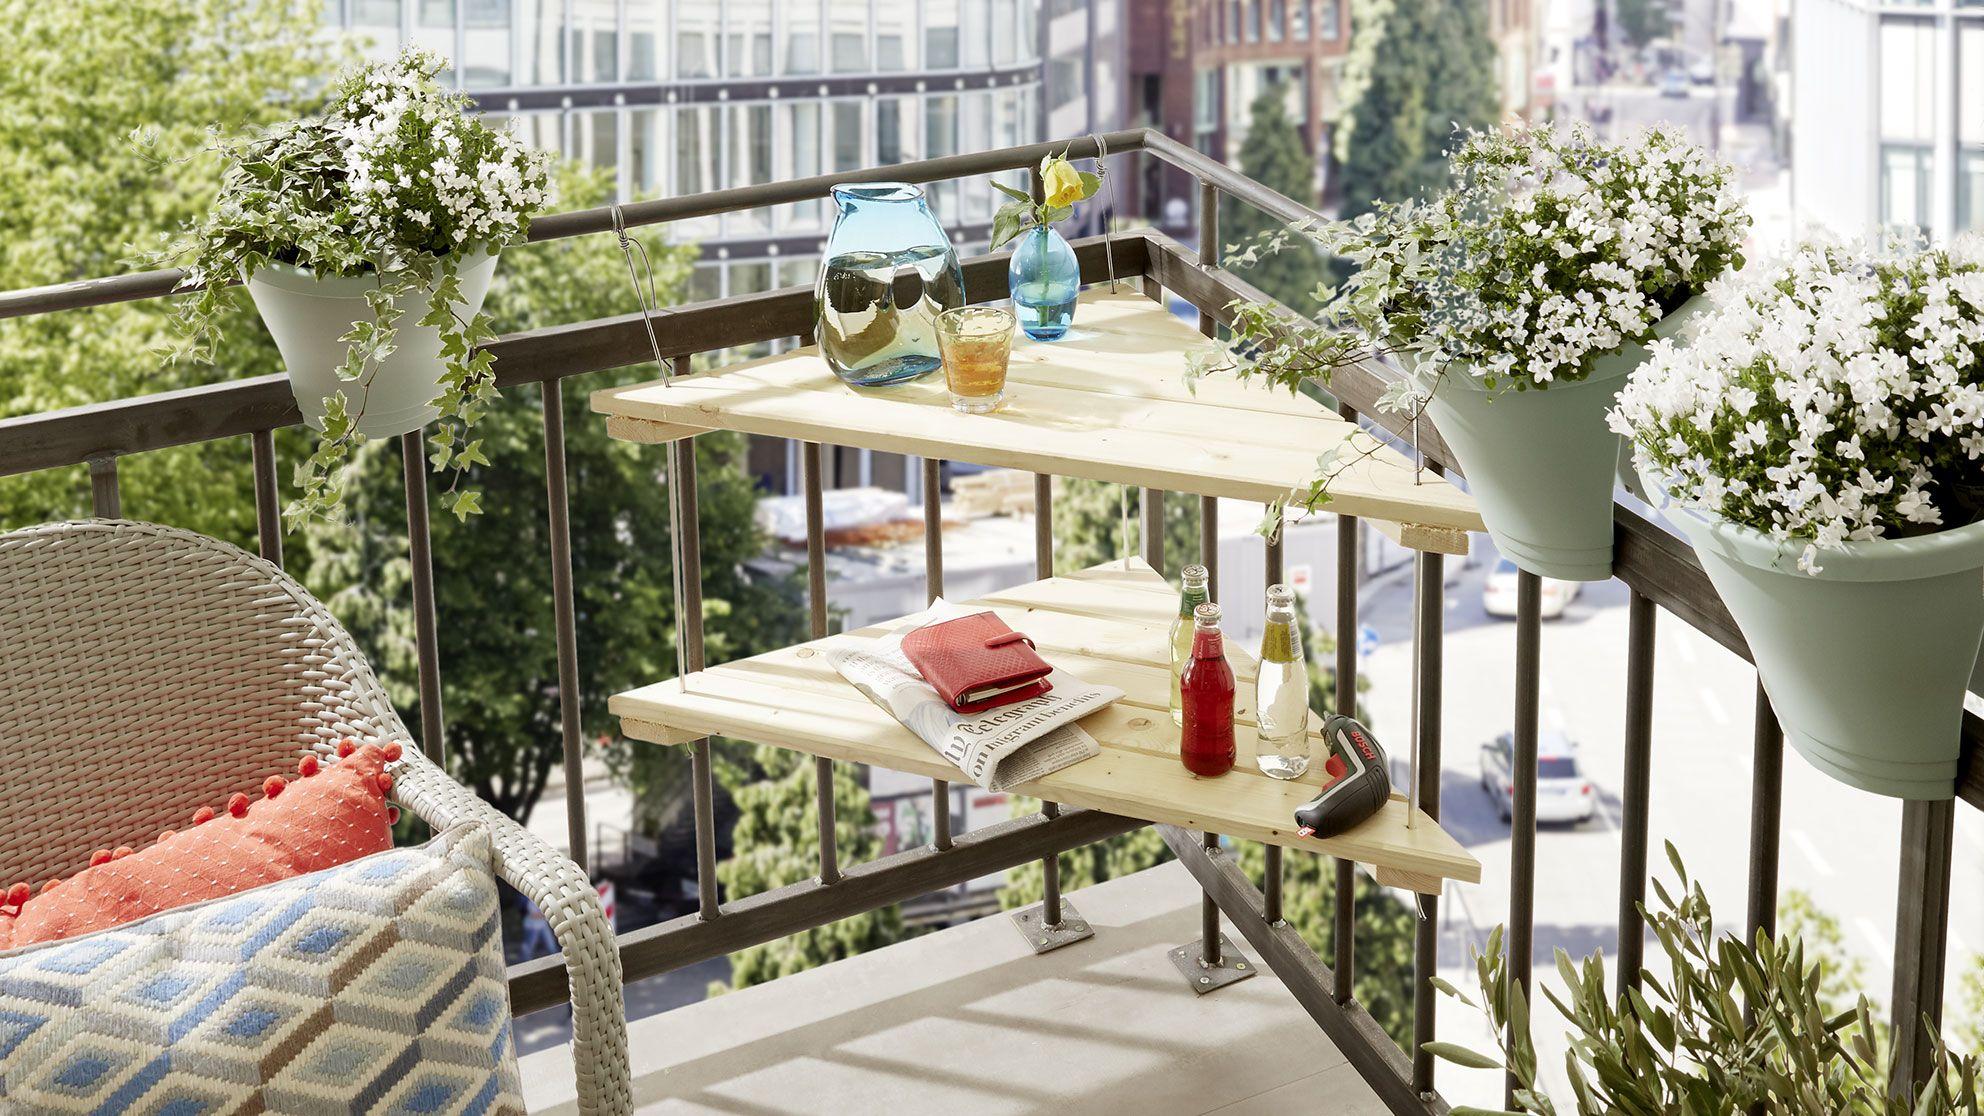 Laer Hvordan Du Hurtigt Og Nemt Kan Bygge Dit Helt Eget Altanbord Folg Vores Guide Og Byg Dit Eget Alta Small Balcony Design Balcony Decor Small Balcony Decor